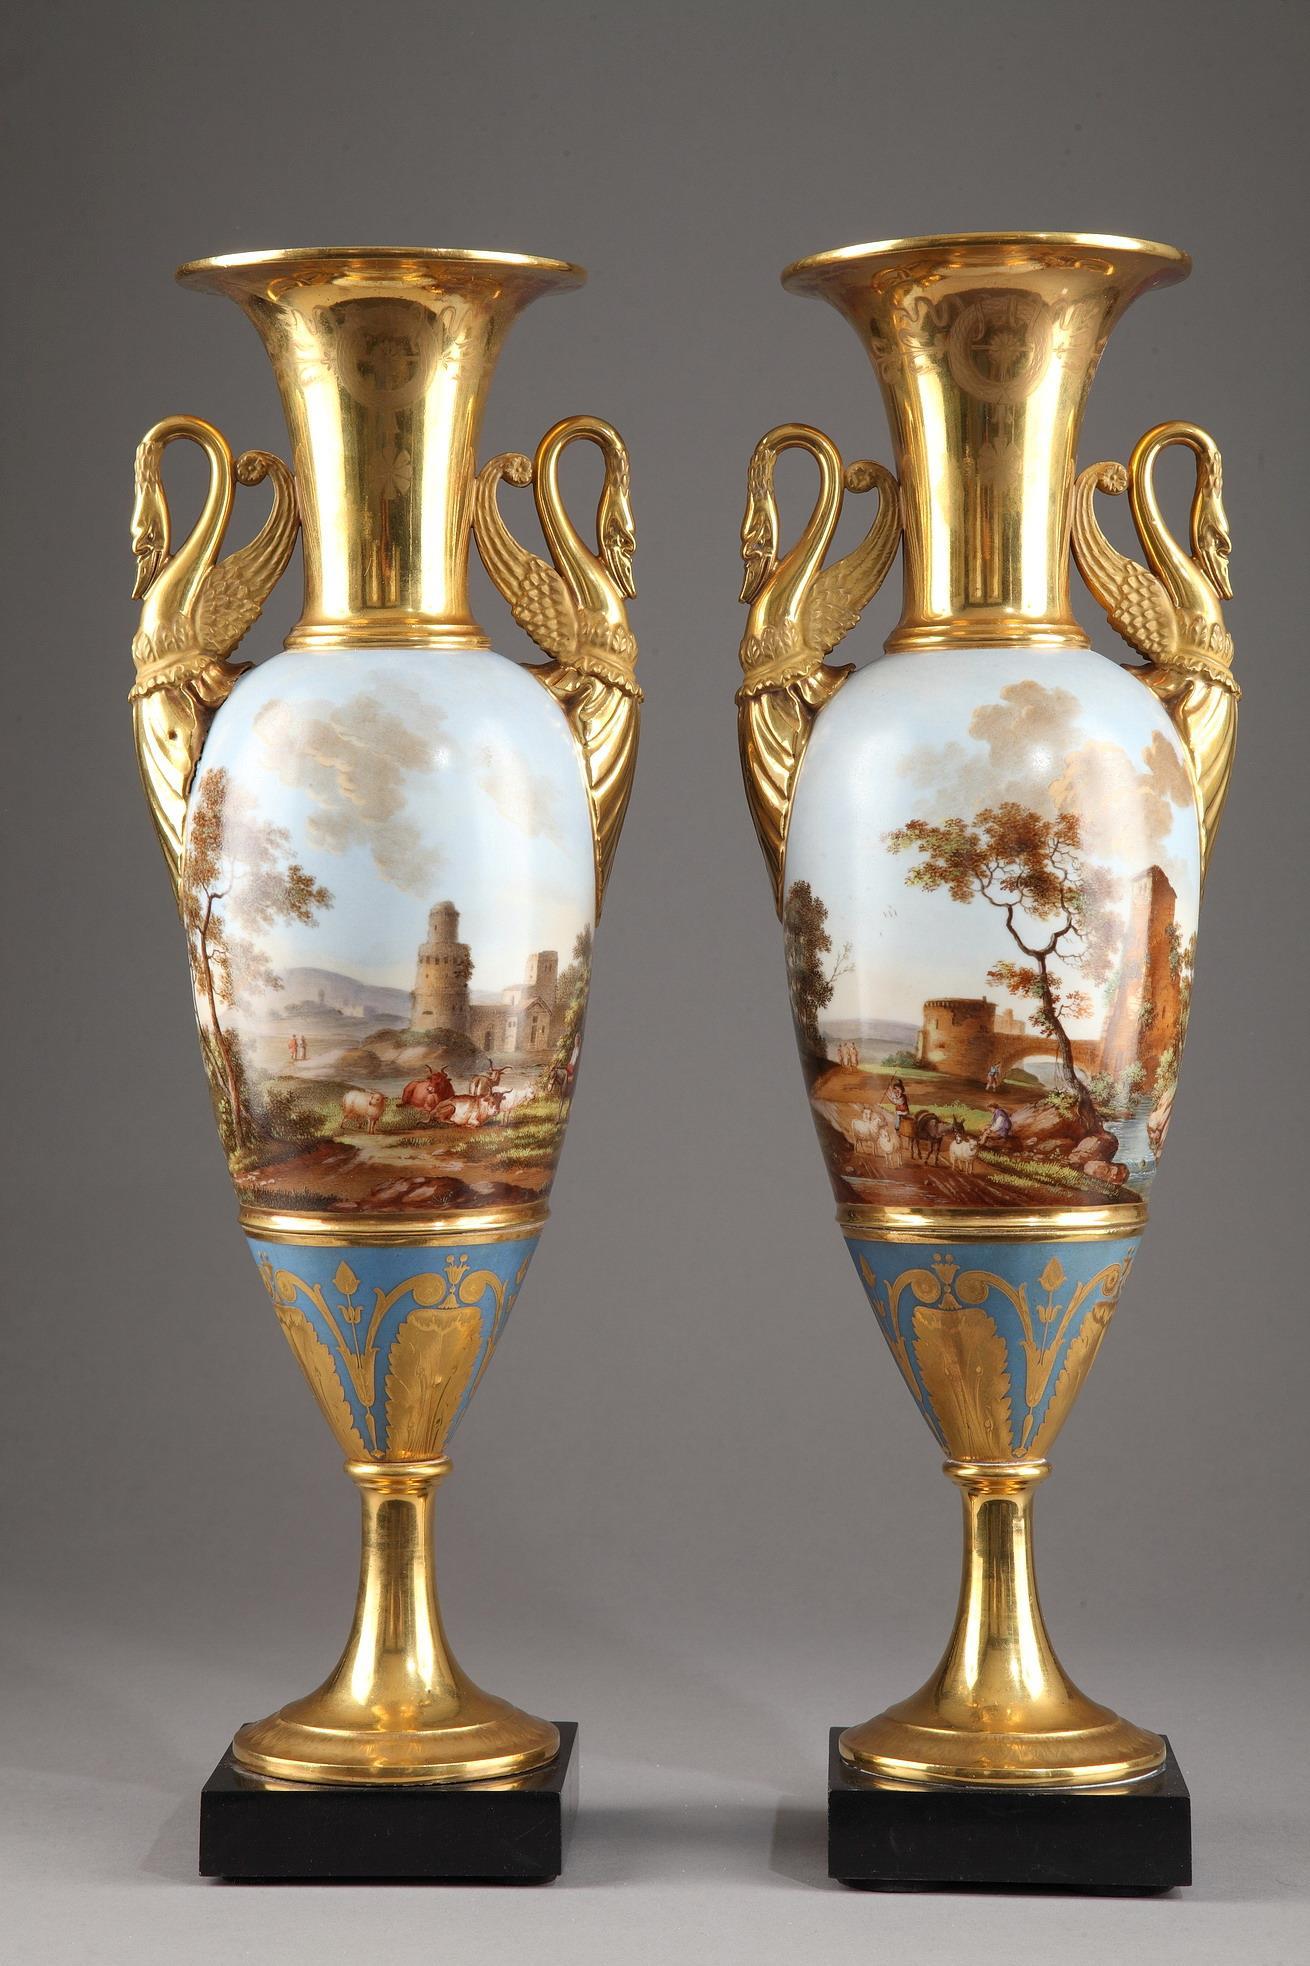 Pair of Large Fuseau Vases in Porcelaine de Paris. Empire Period.